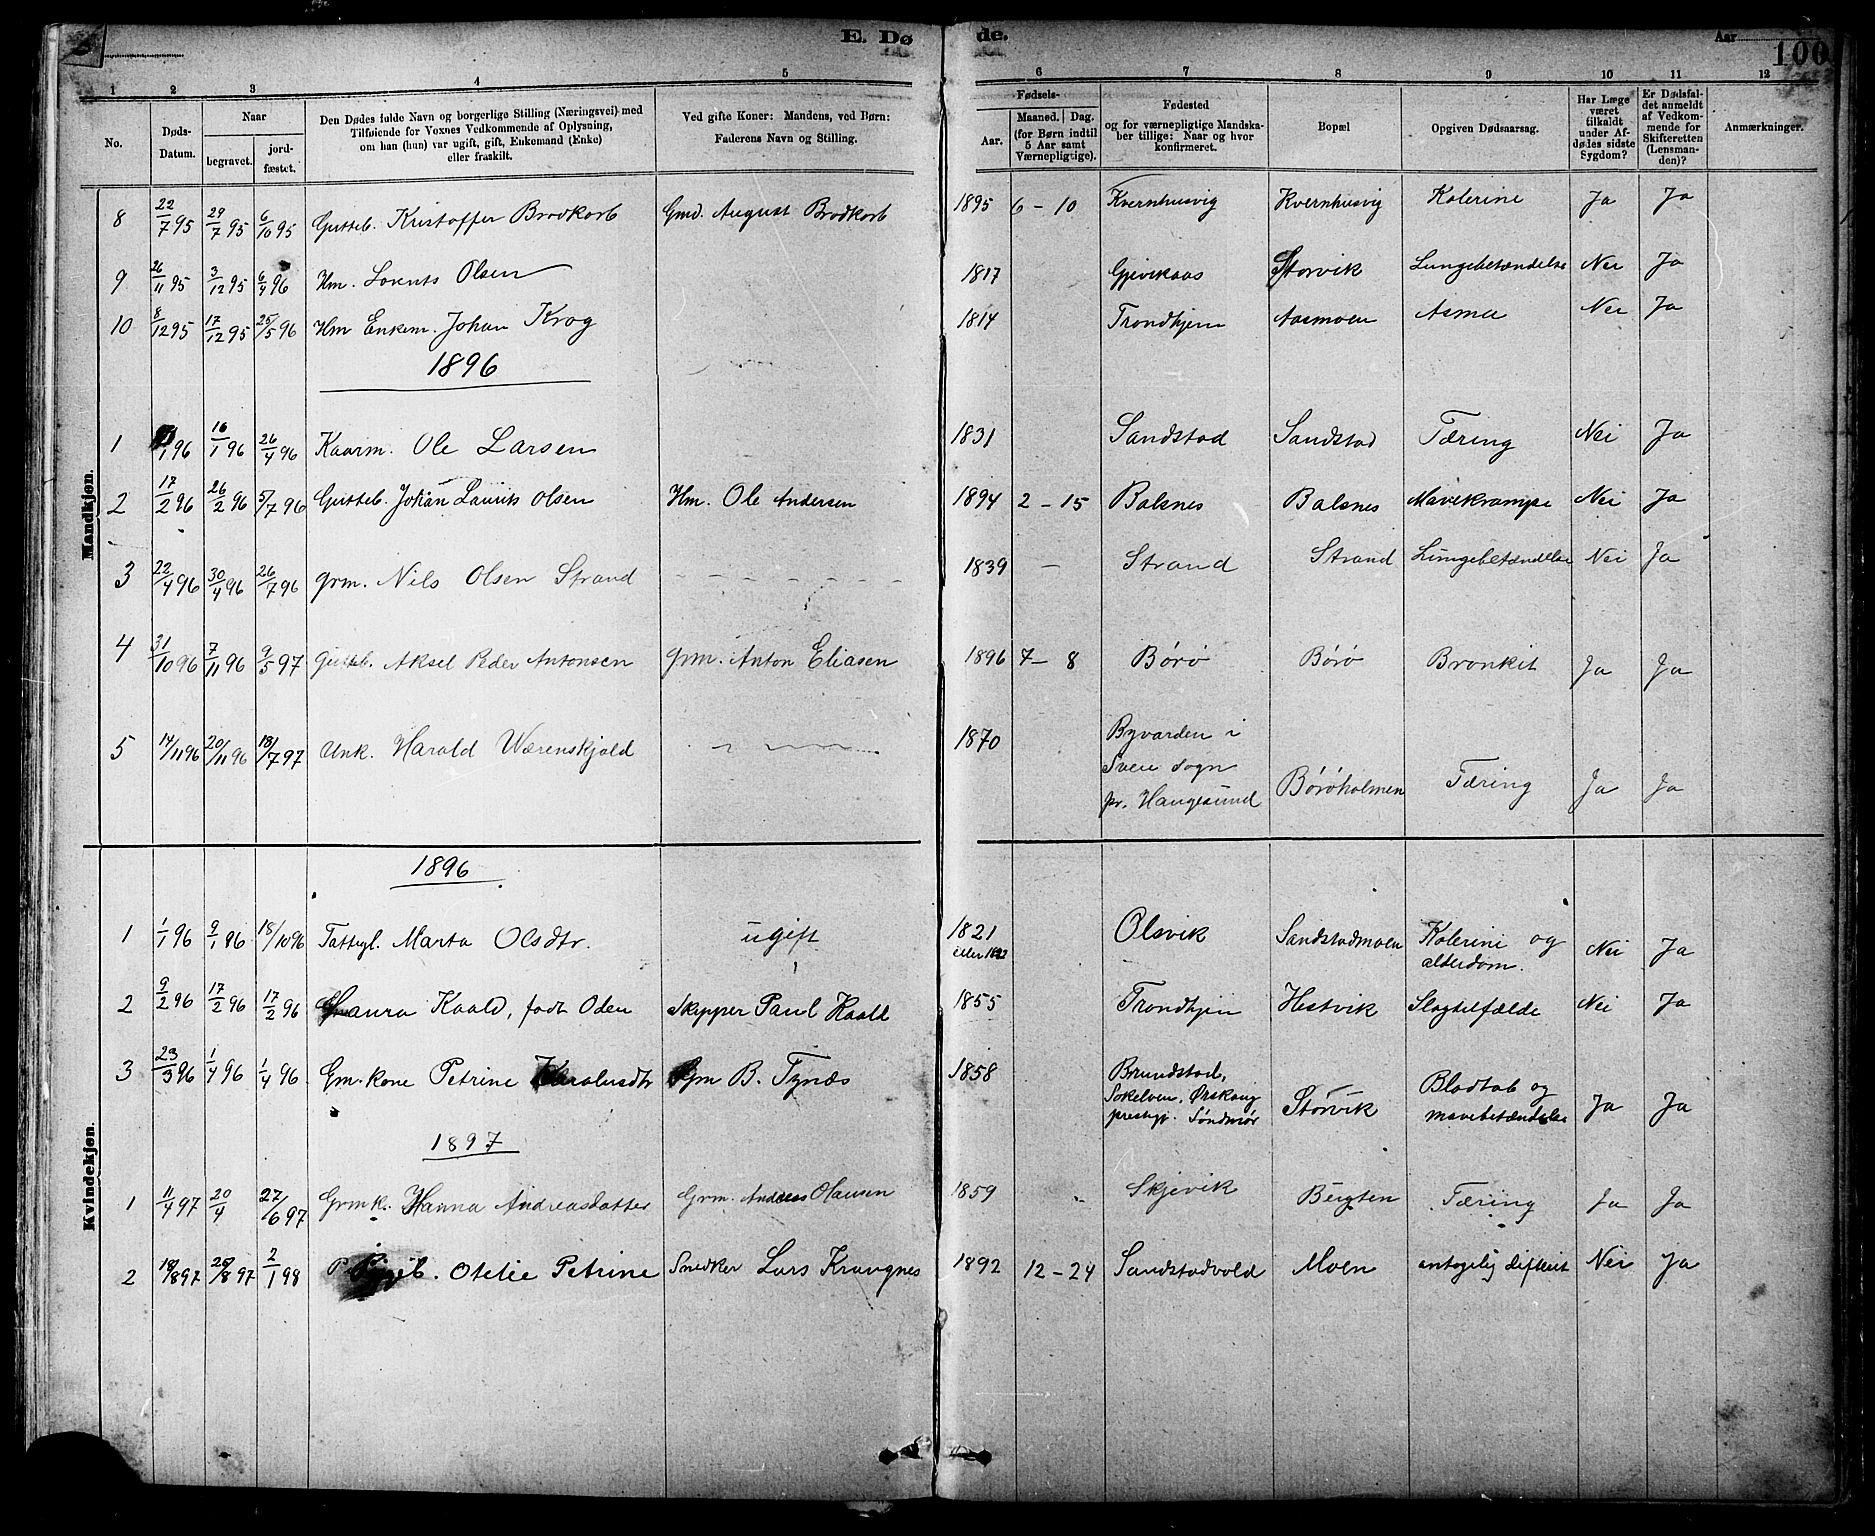 SAT, Ministerialprotokoller, klokkerbøker og fødselsregistre - Sør-Trøndelag, 639/L0573: Klokkerbok nr. 639C01, 1890-1905, s. 100